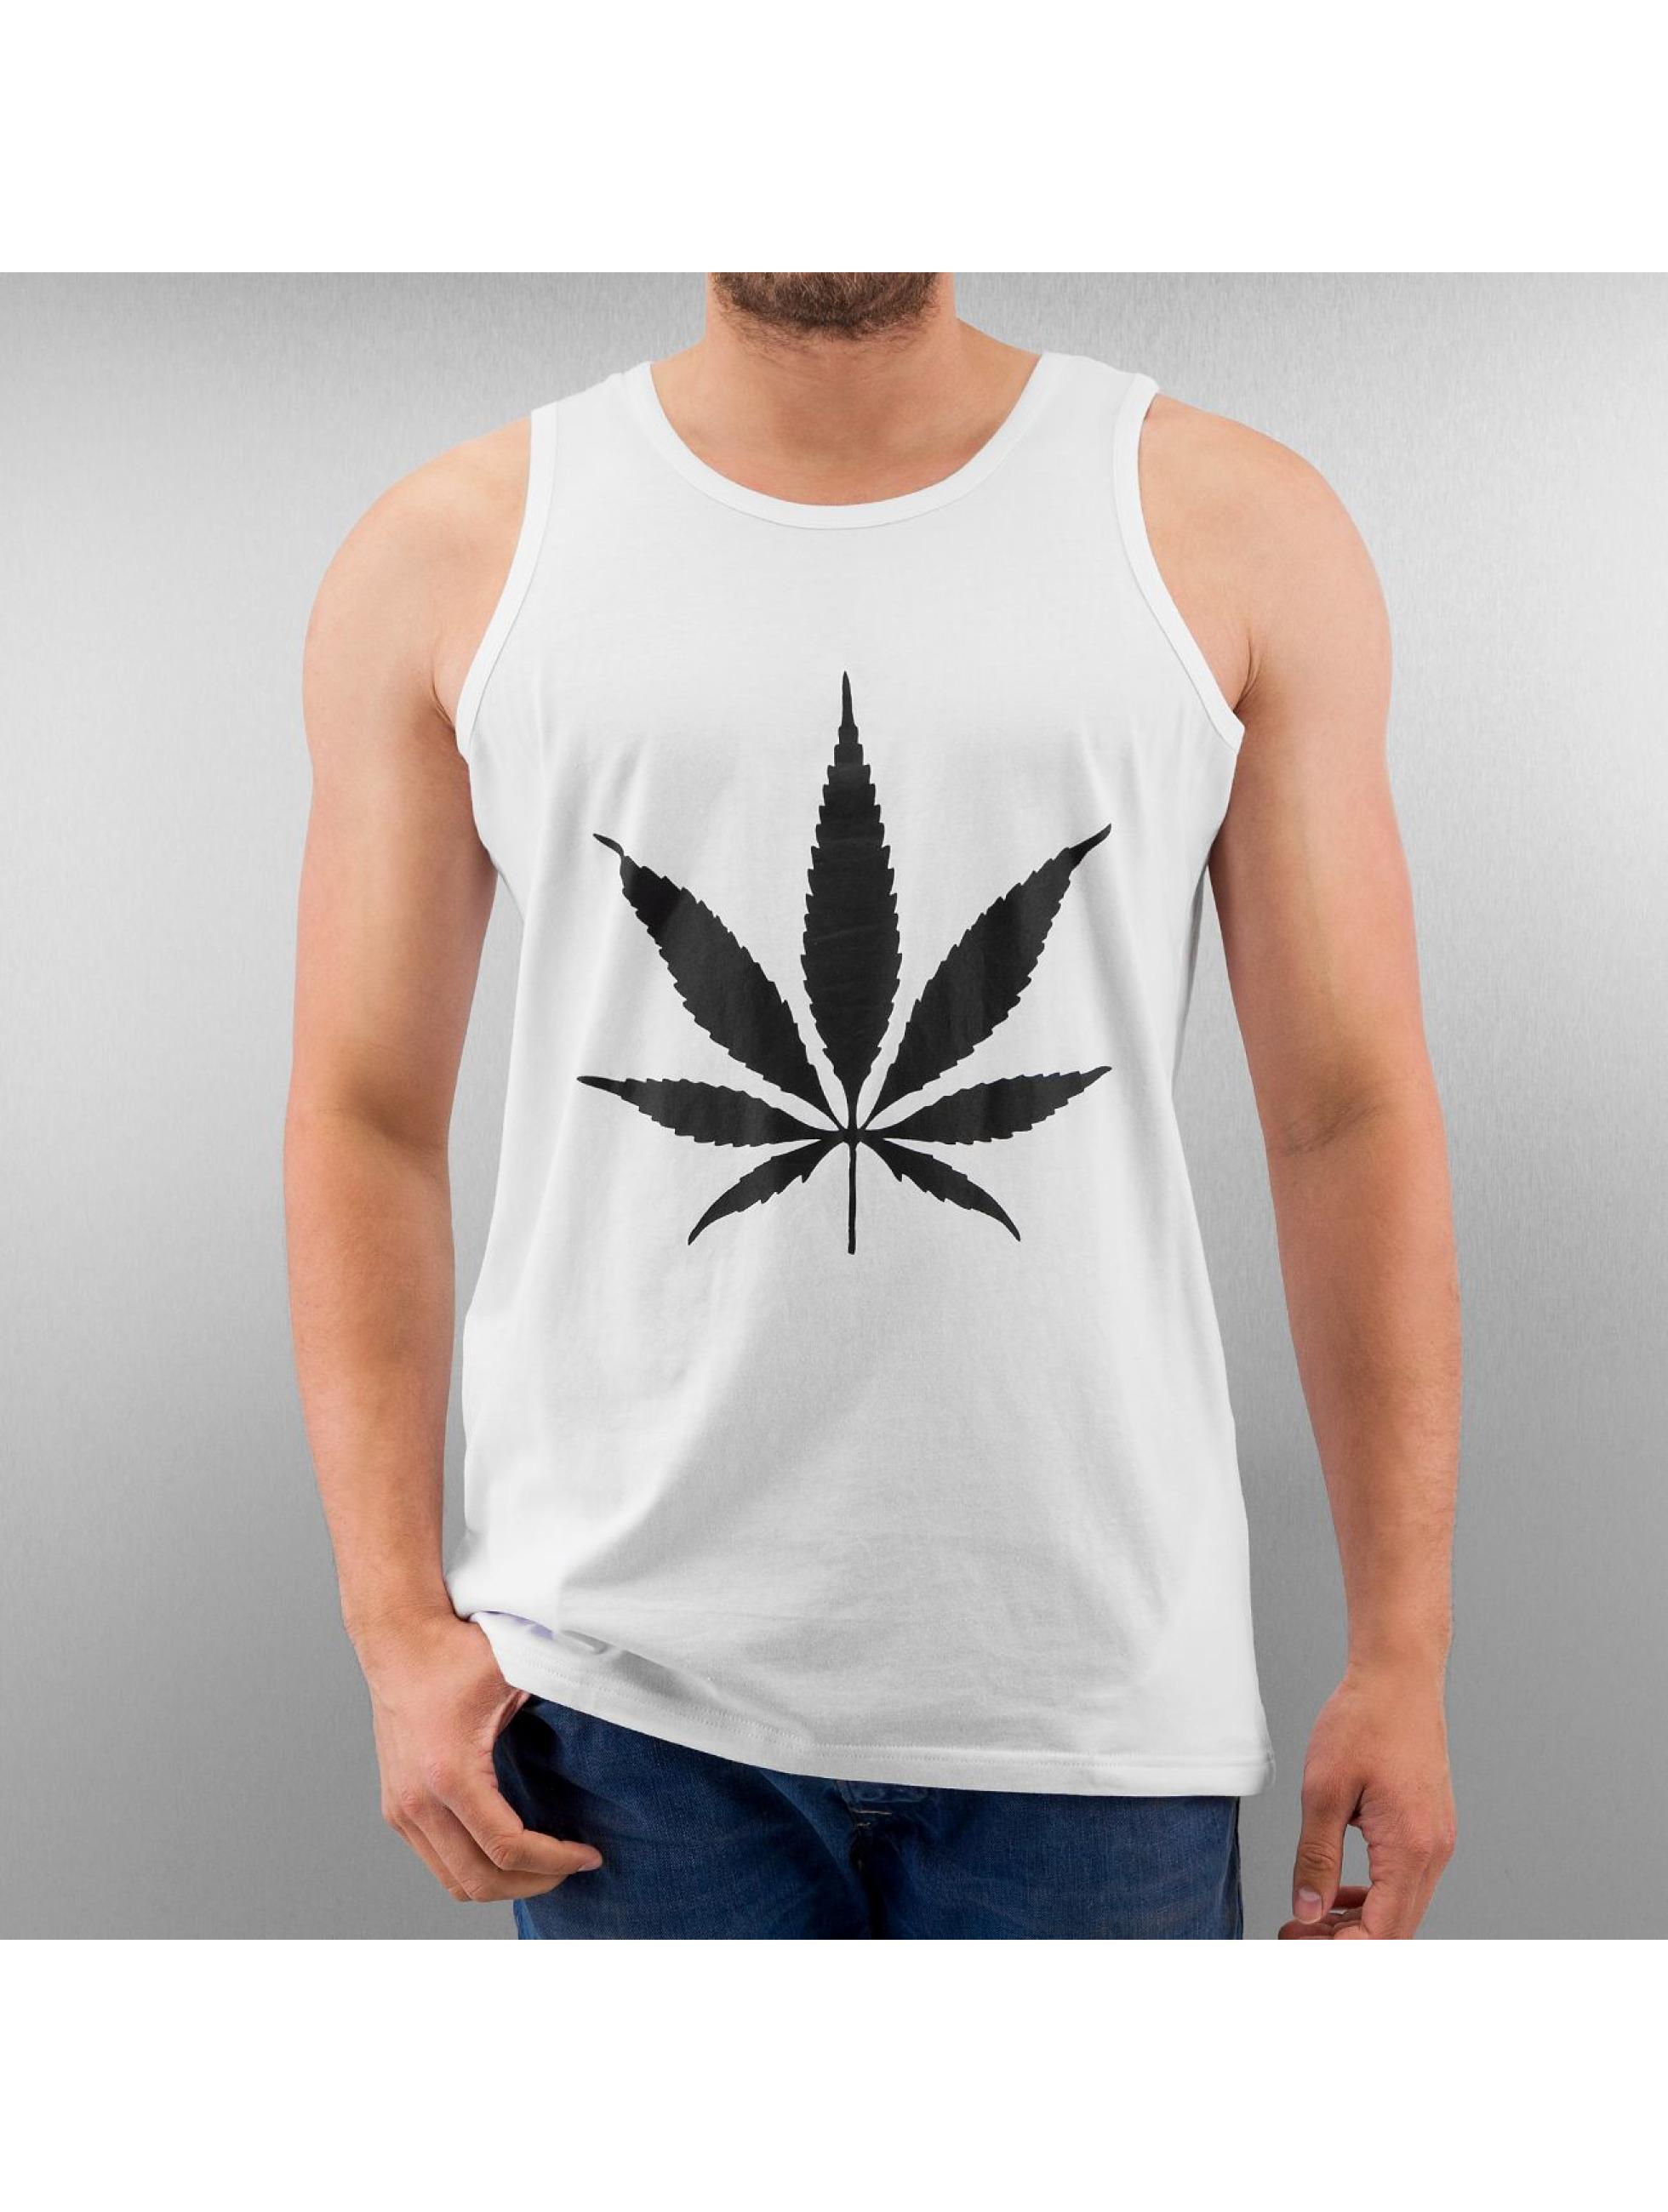 TrueSpin-Uomini-Maglieria-Tank-Tops-Cannabis-No-1-bianco-129819-M